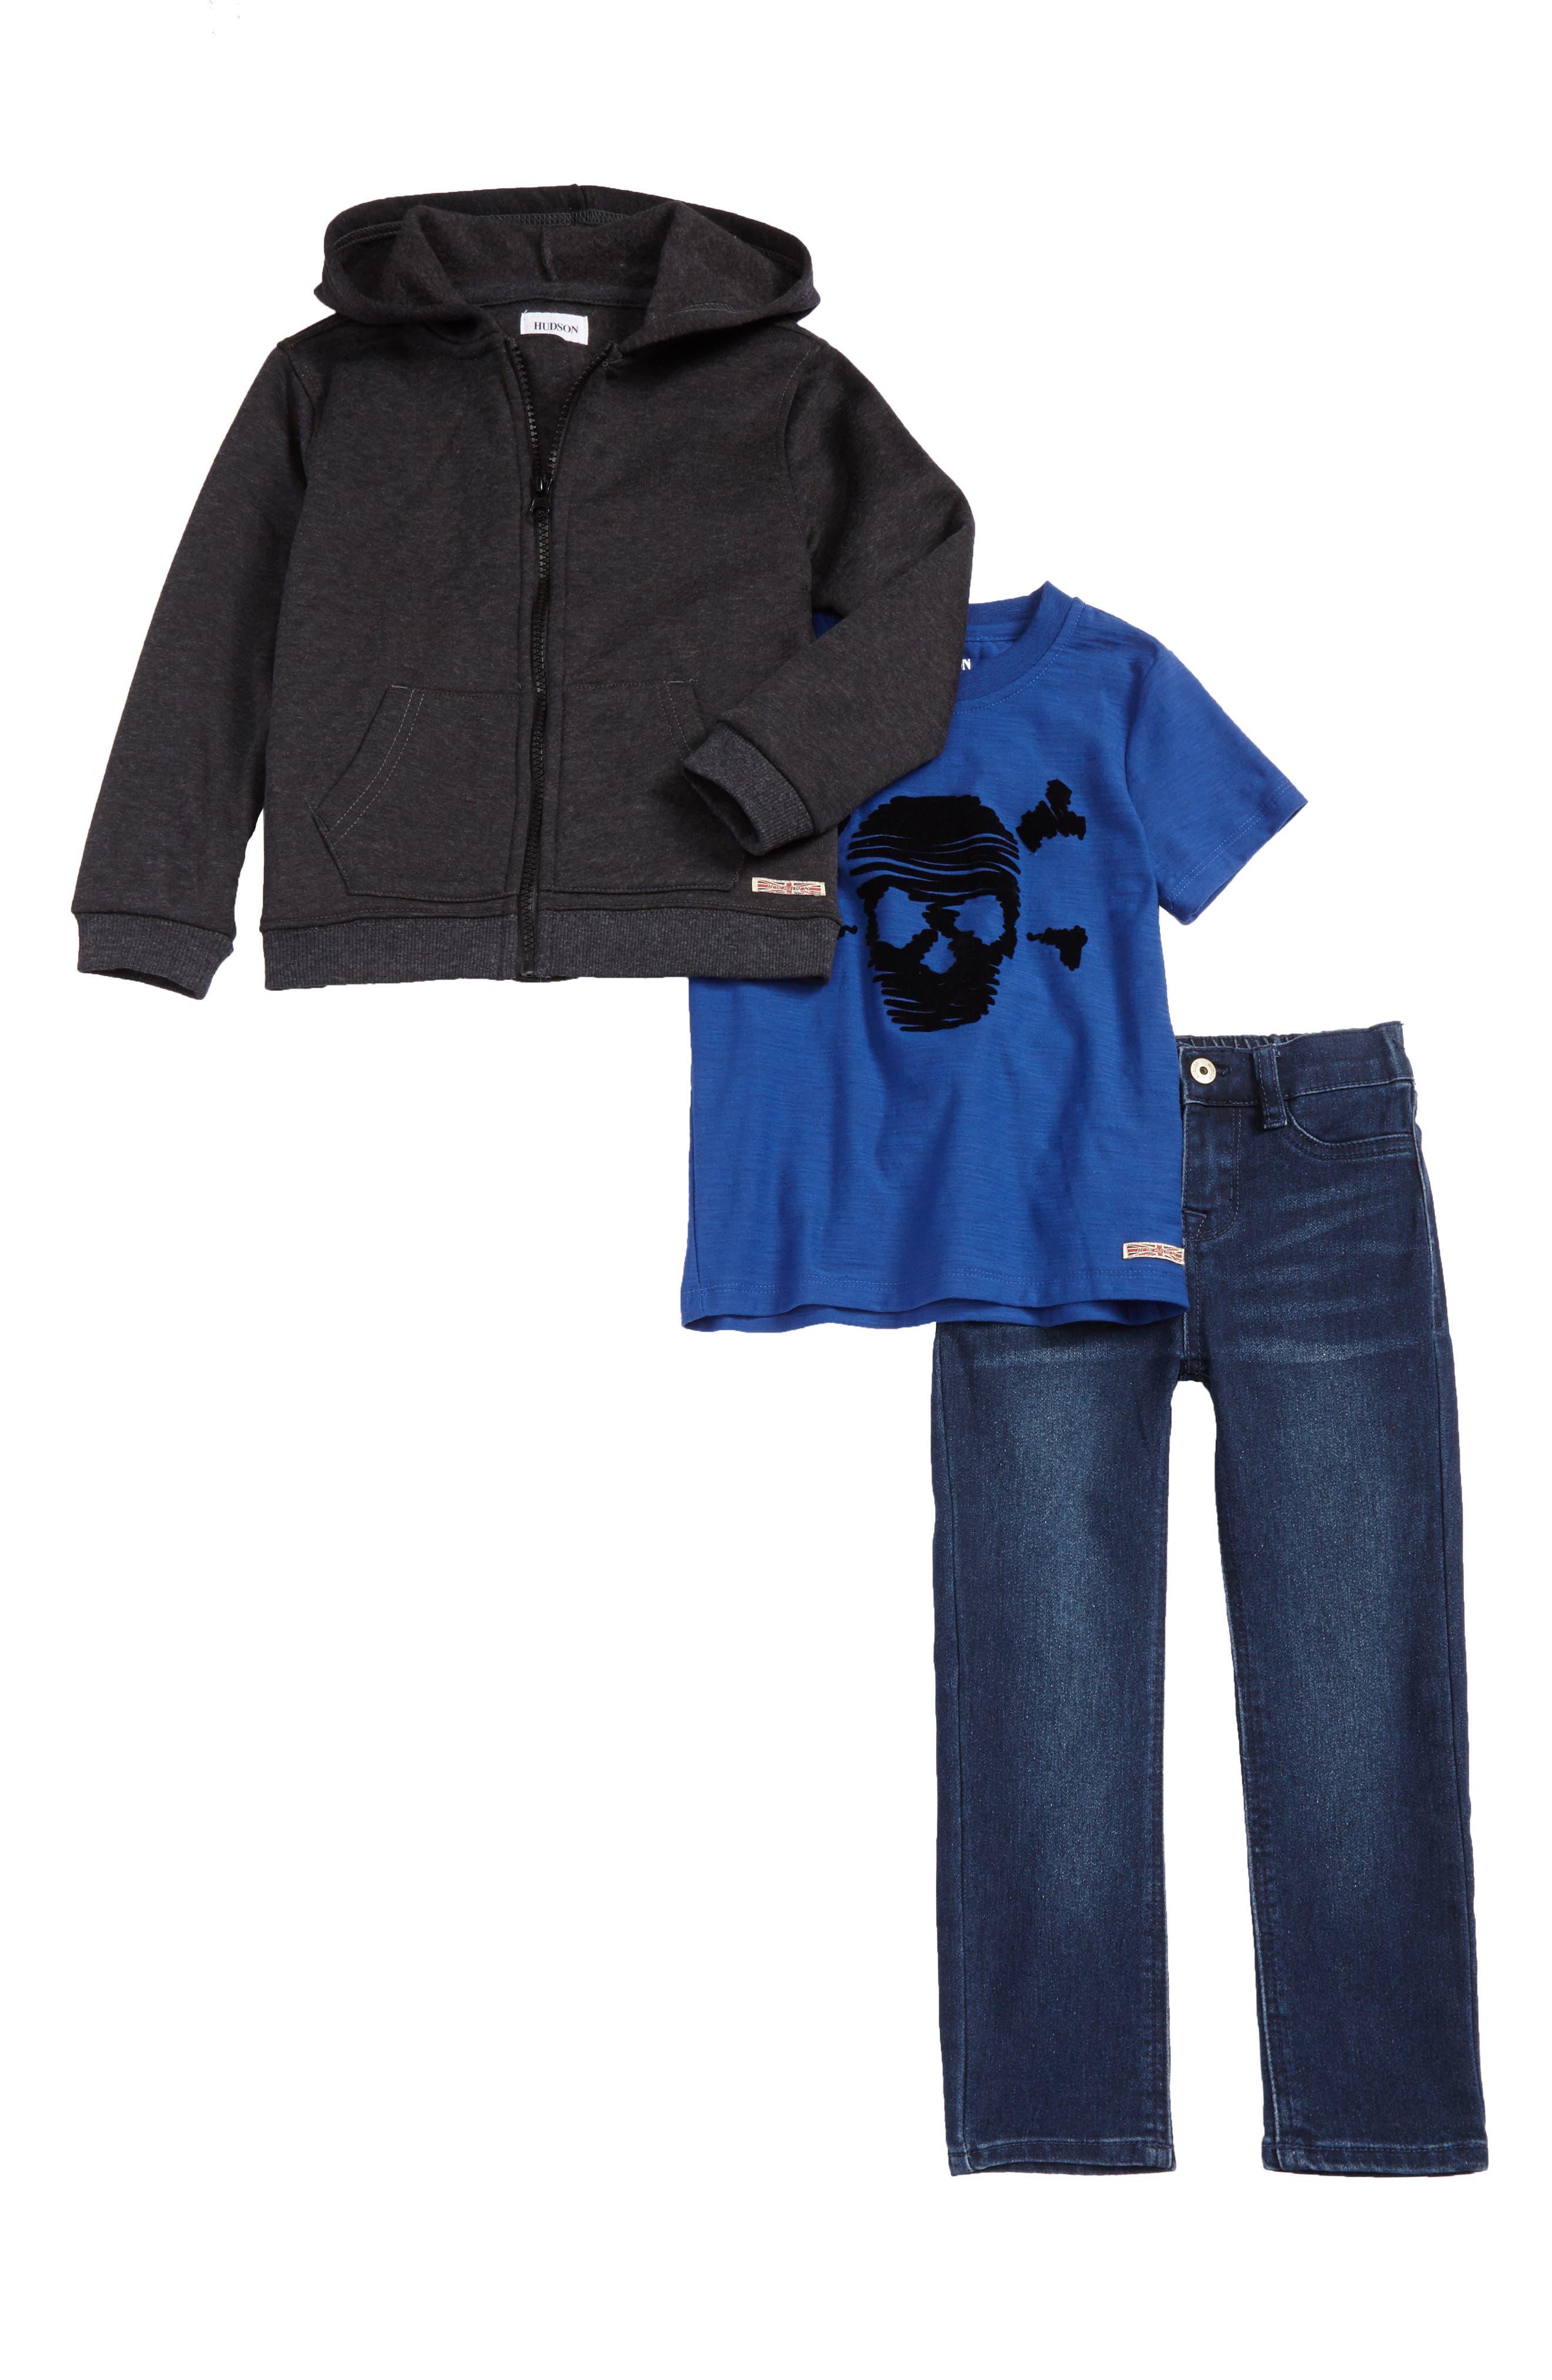 Hudson Kids Shirt, Hoodie & Jeans Set (Toddler Boys)